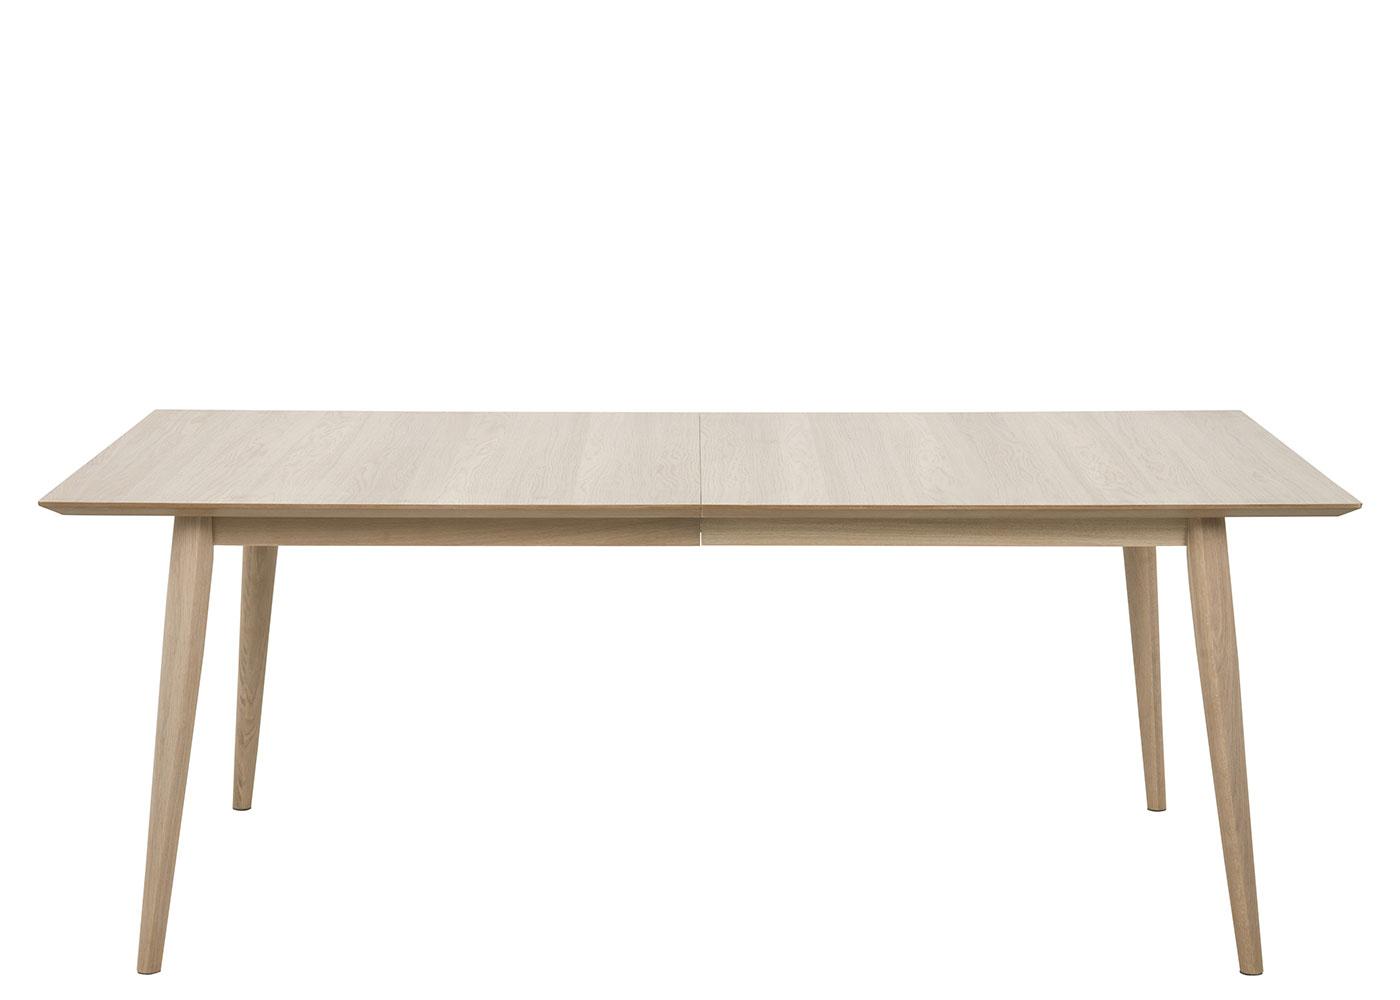 Jedálny stôl Delica, 200 cm, dub